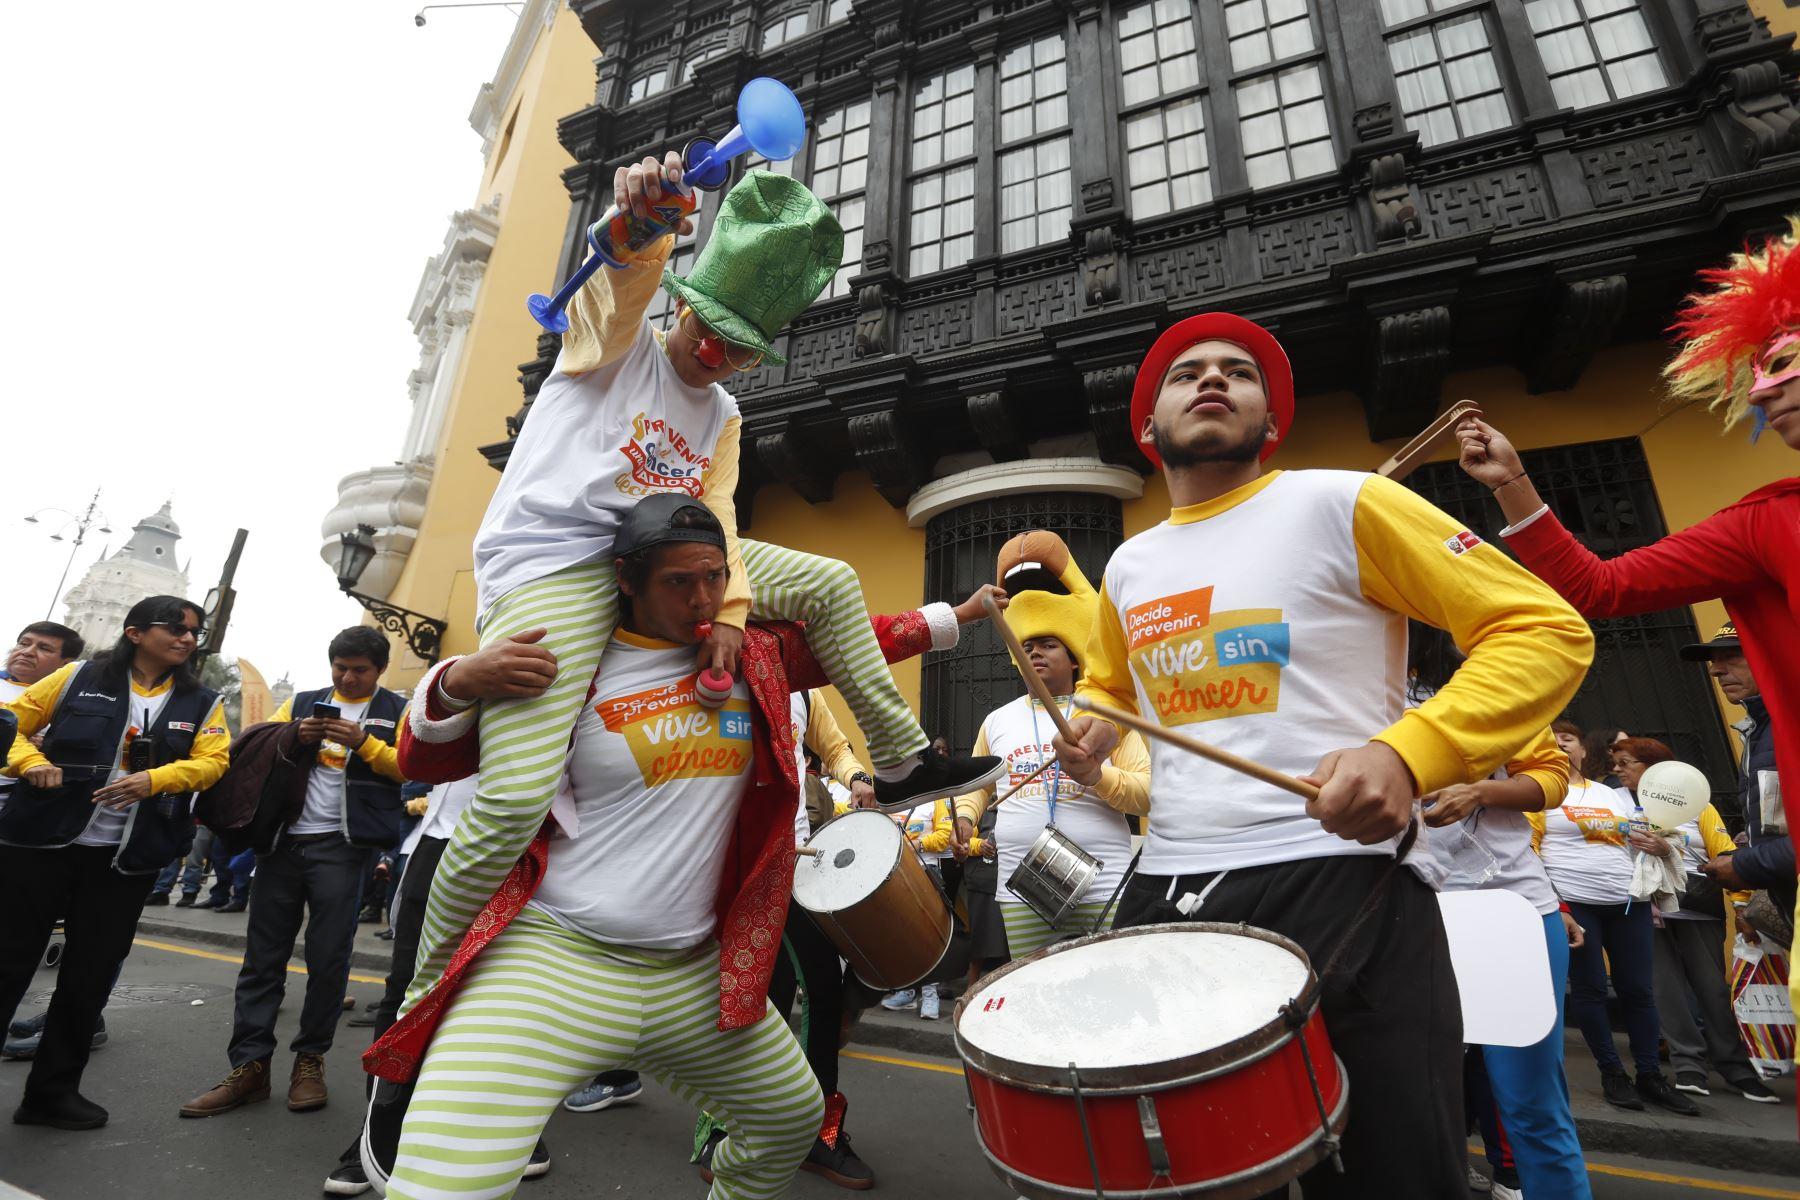 Ministra de Salud, Zulema Tomás, lideró desde Plaza de Armas el lanzamiento de la Semana Nacional de Lucha contra el Cáncer que se conmemora cada tercera semana de octubre. Foto: ANDINA/Renato Pajuelo.